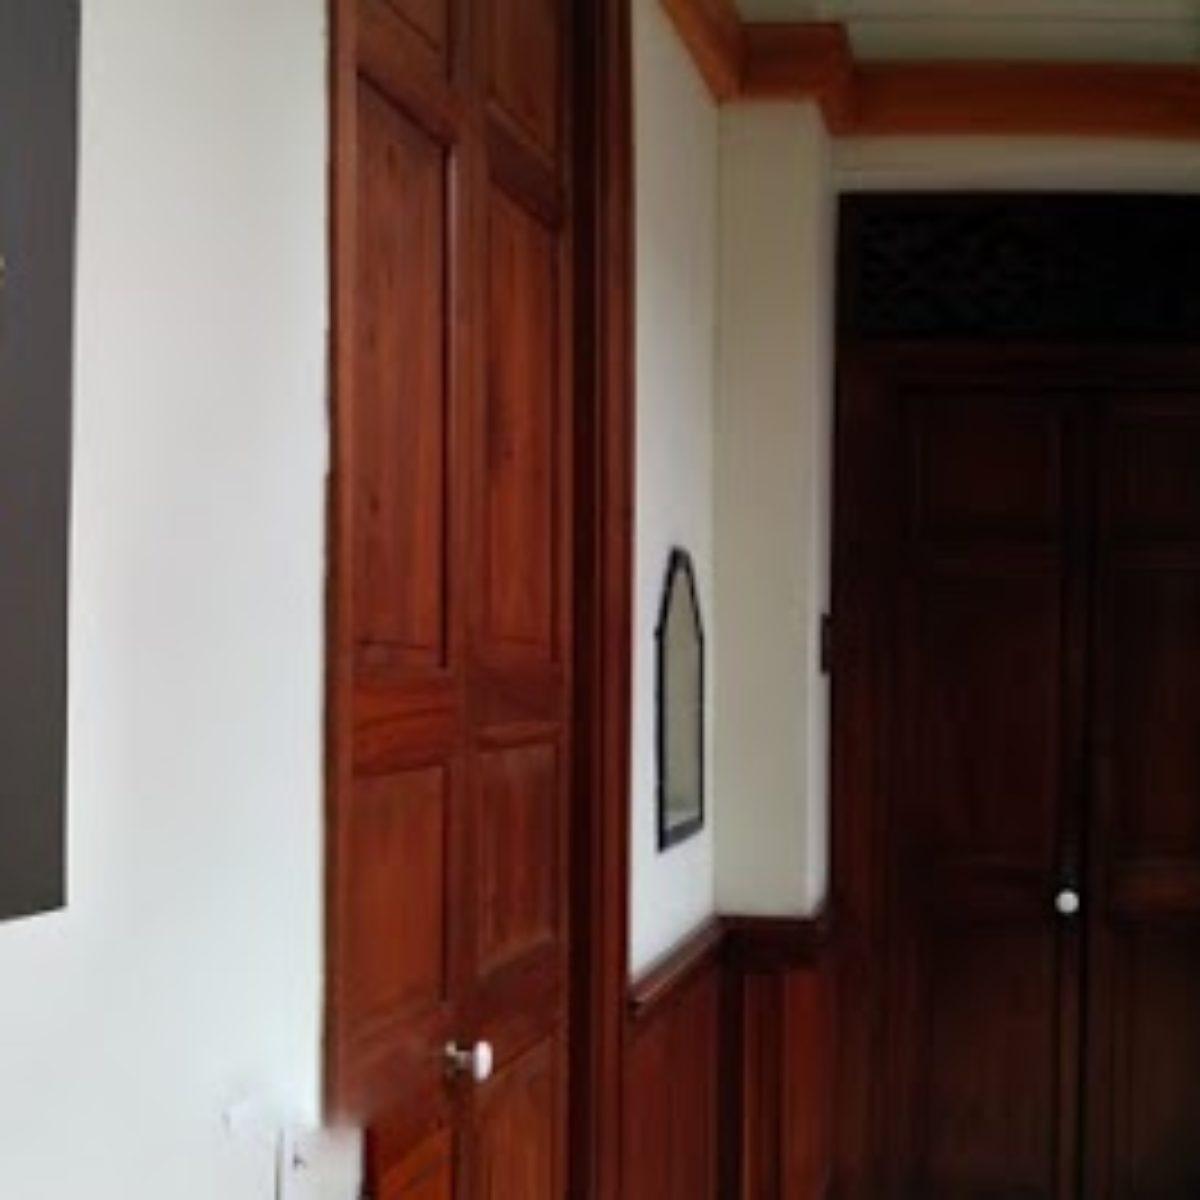 Consulta los fondos documentales del Archivo Histórico de Medellín